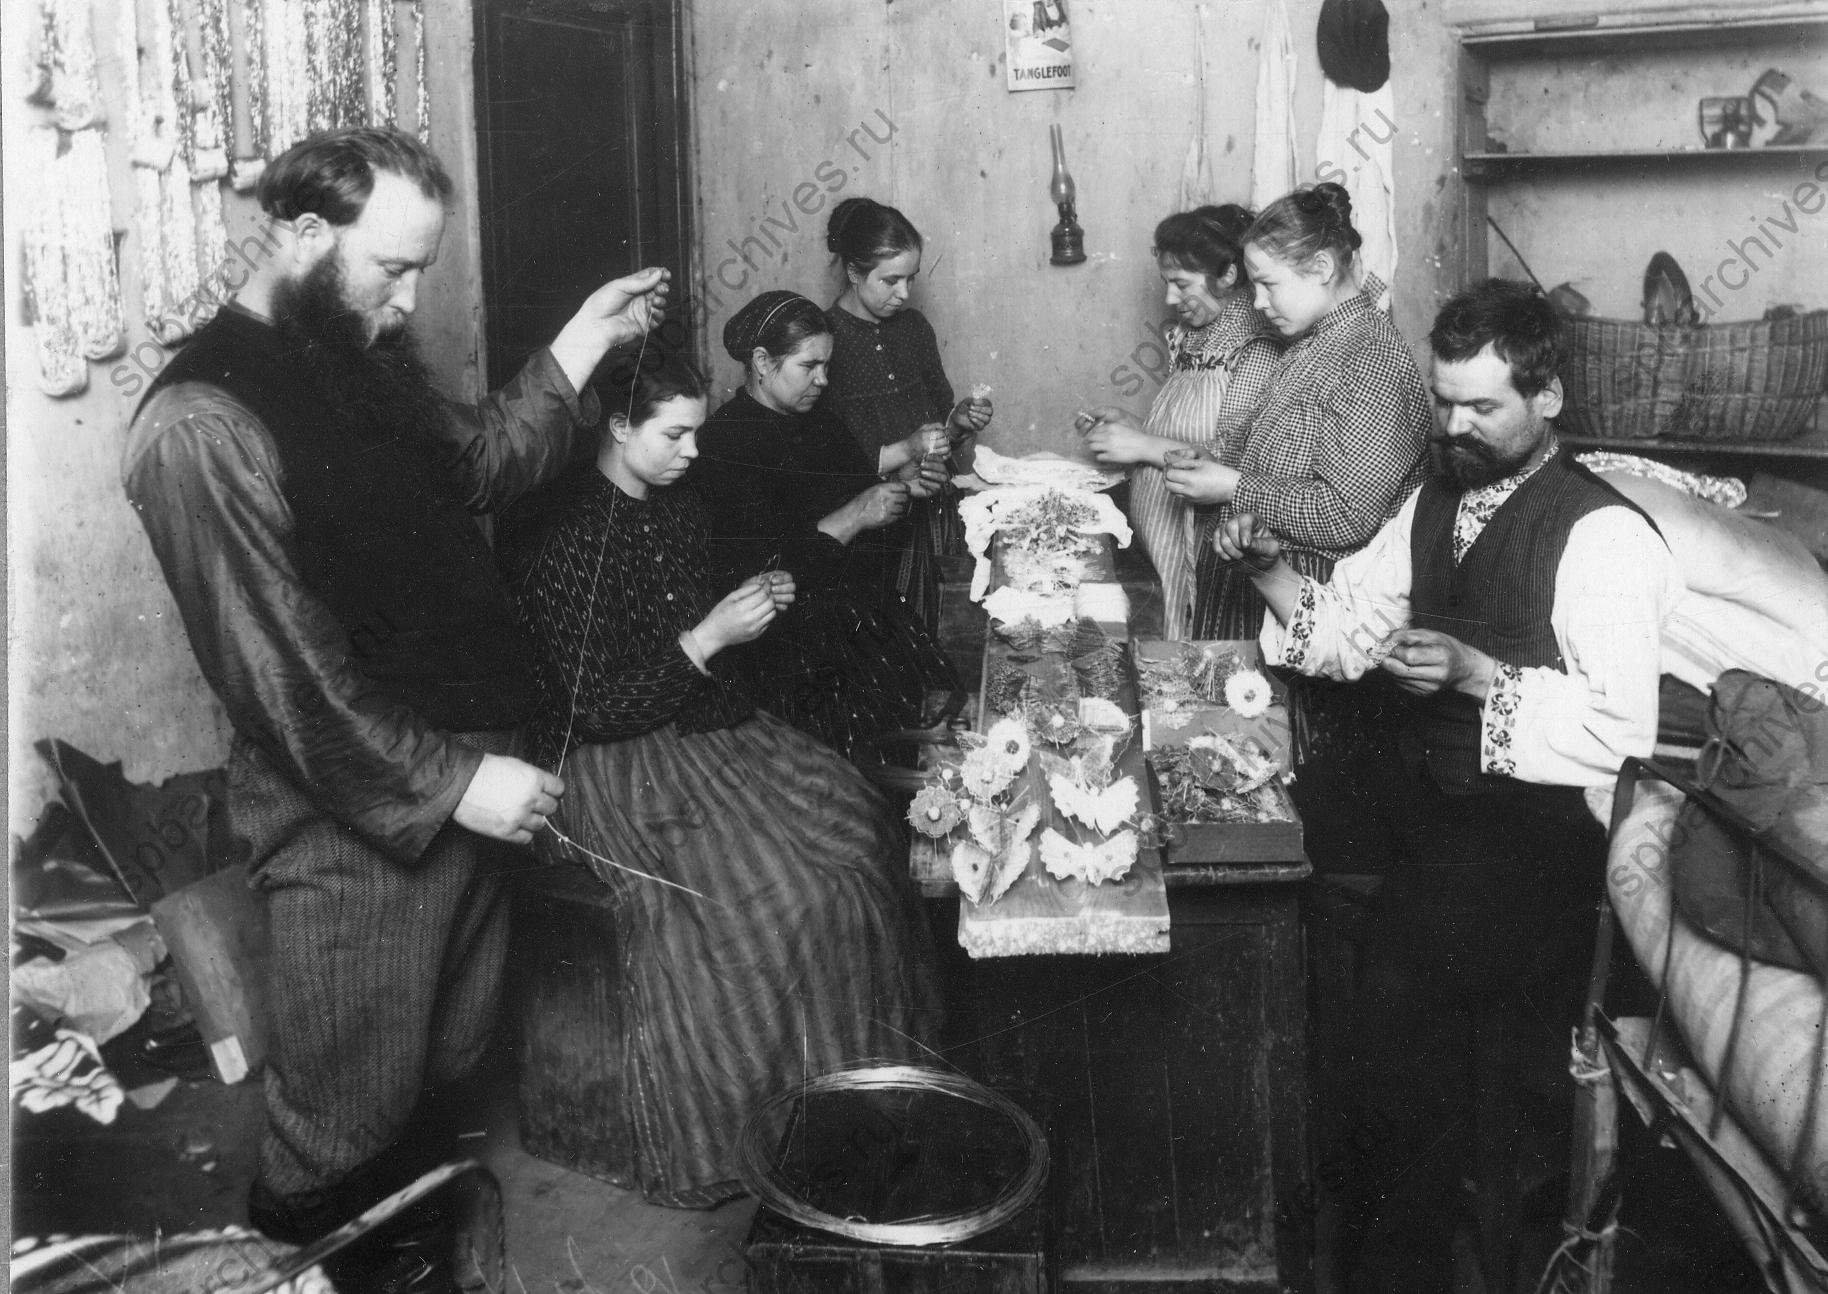 1913. Изготовление елочных украшений в мастерской по производству елочных украшений